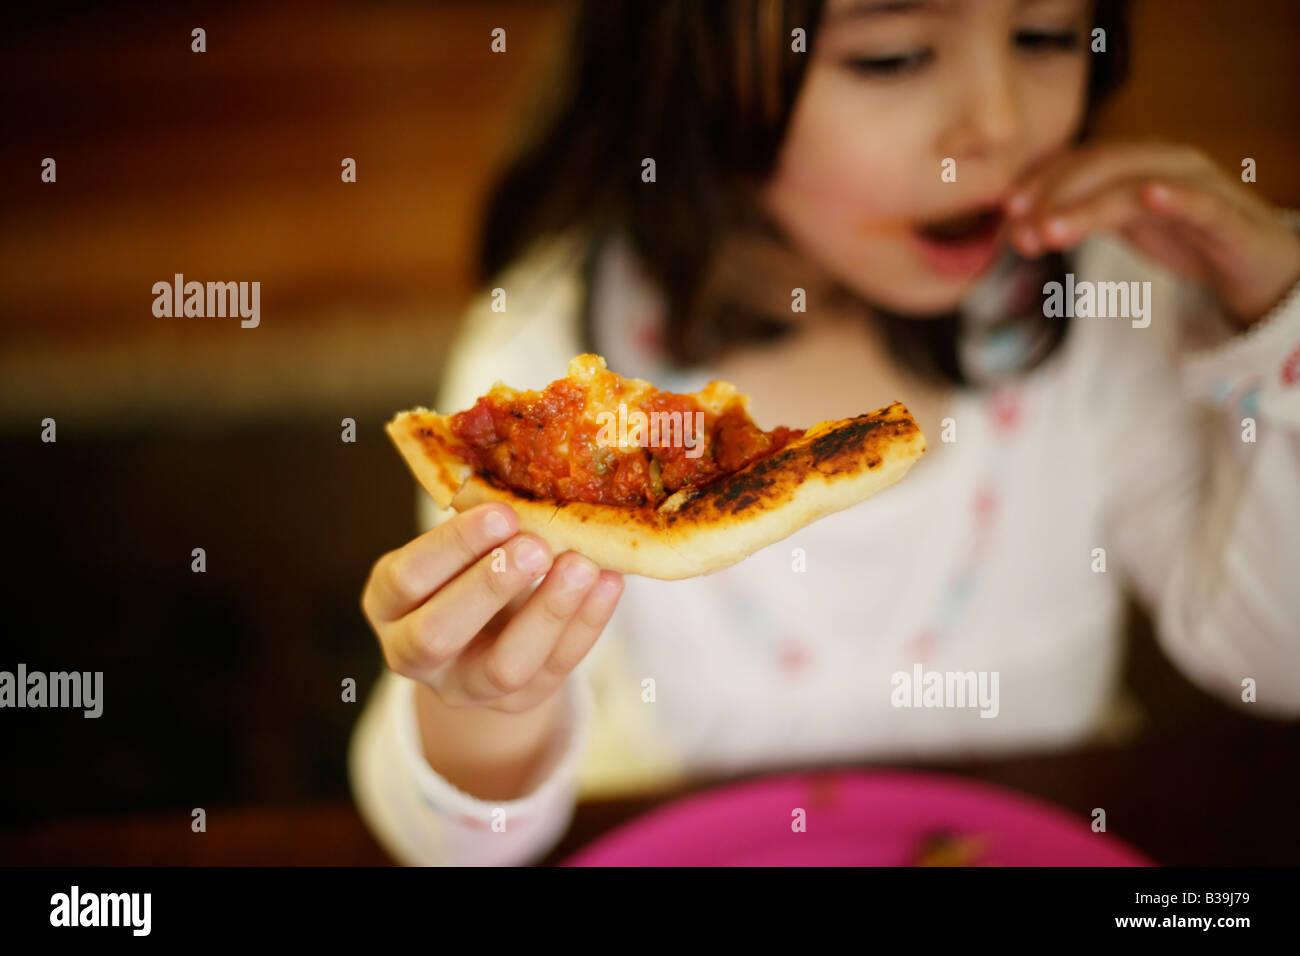 Des pizzas fille de cinq ans prend bouchée de pizza bien chaude du four frais Photo Stock